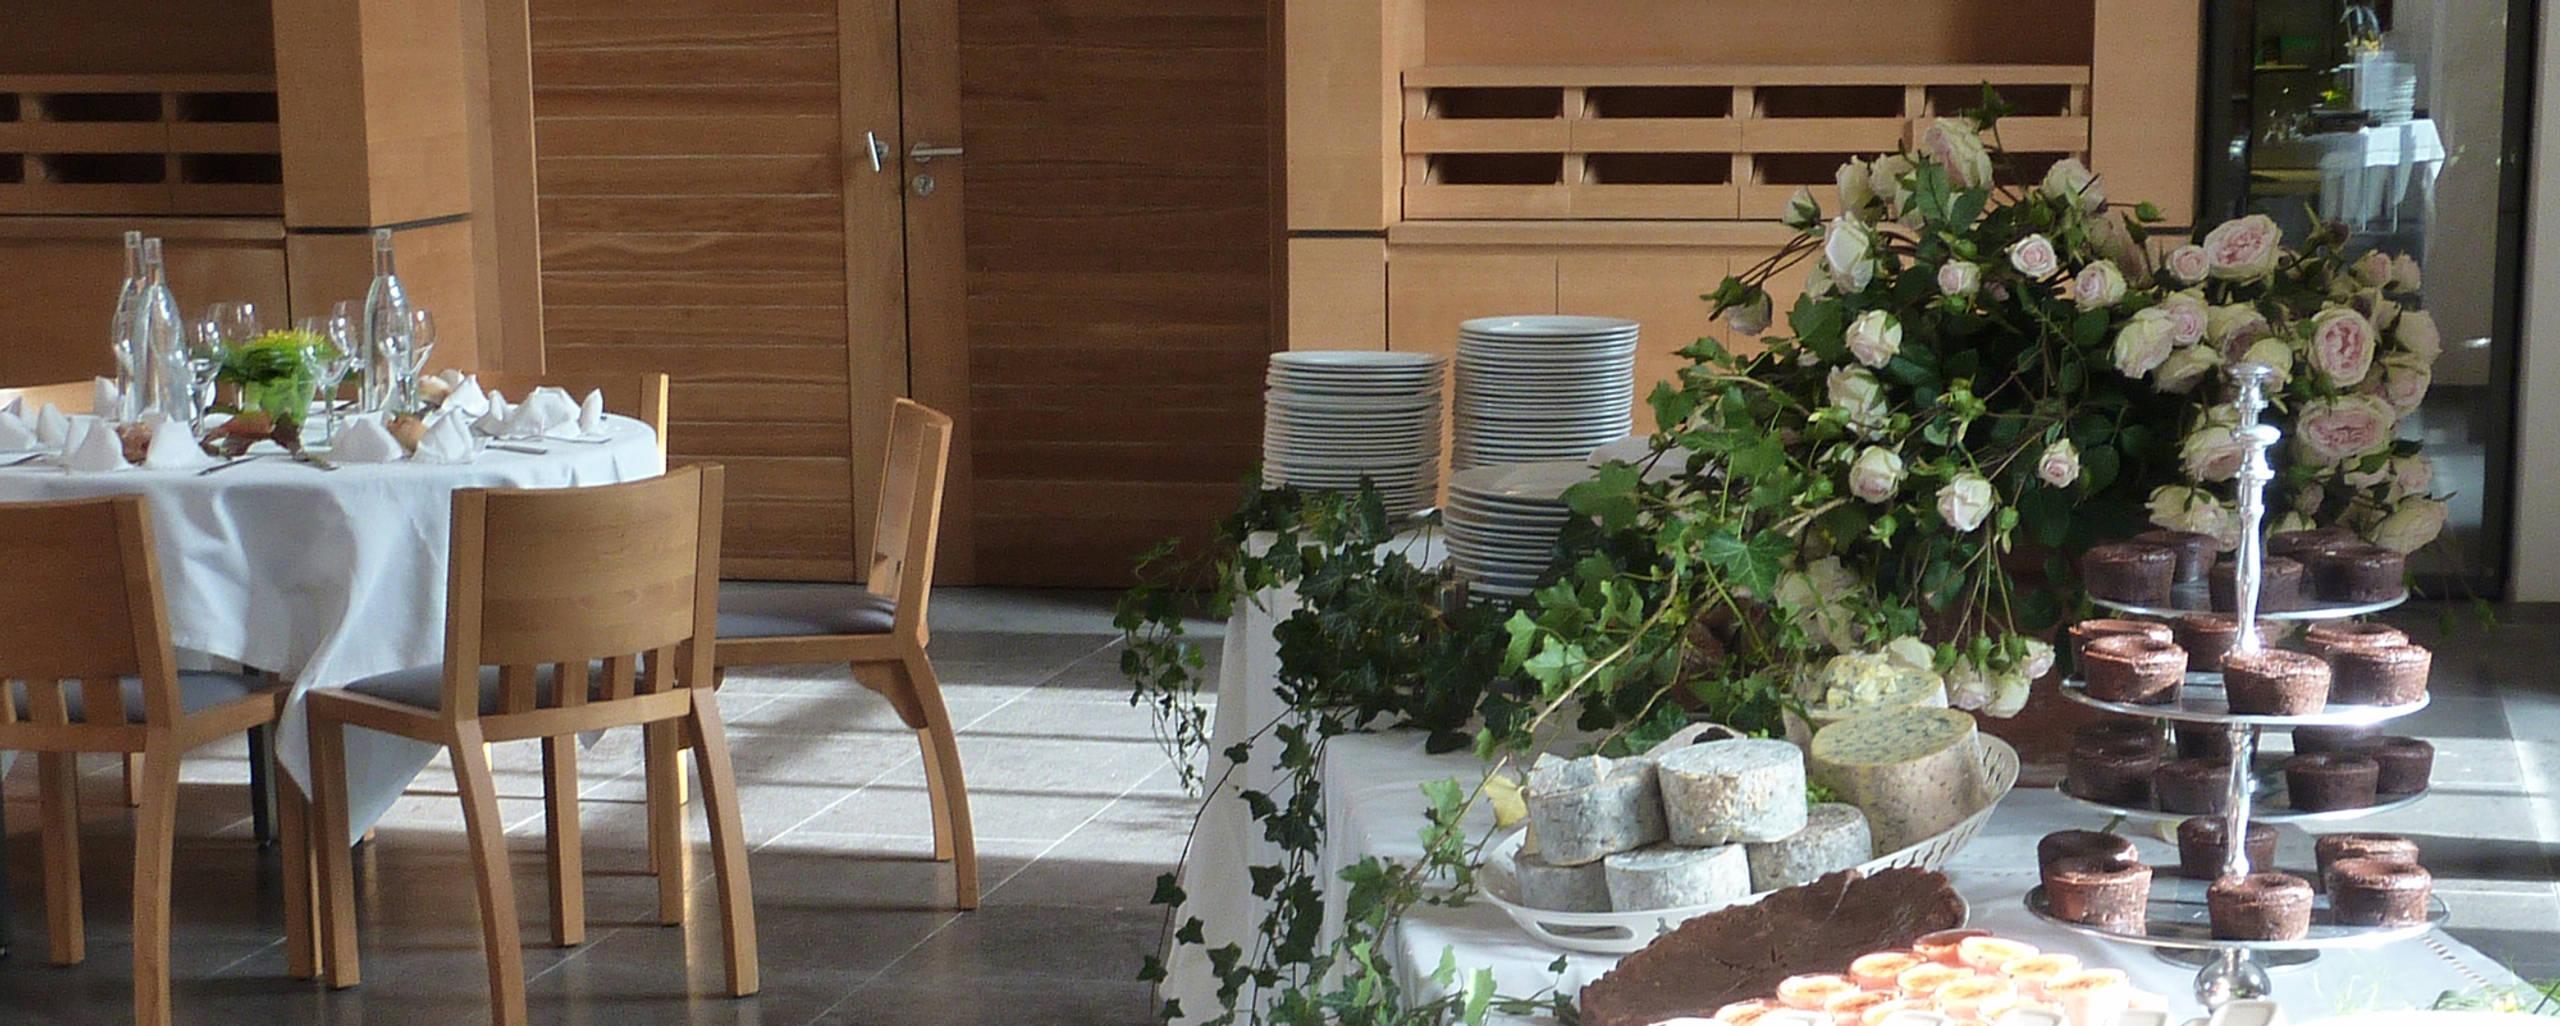 Espace Lafayette - Salle de restauration